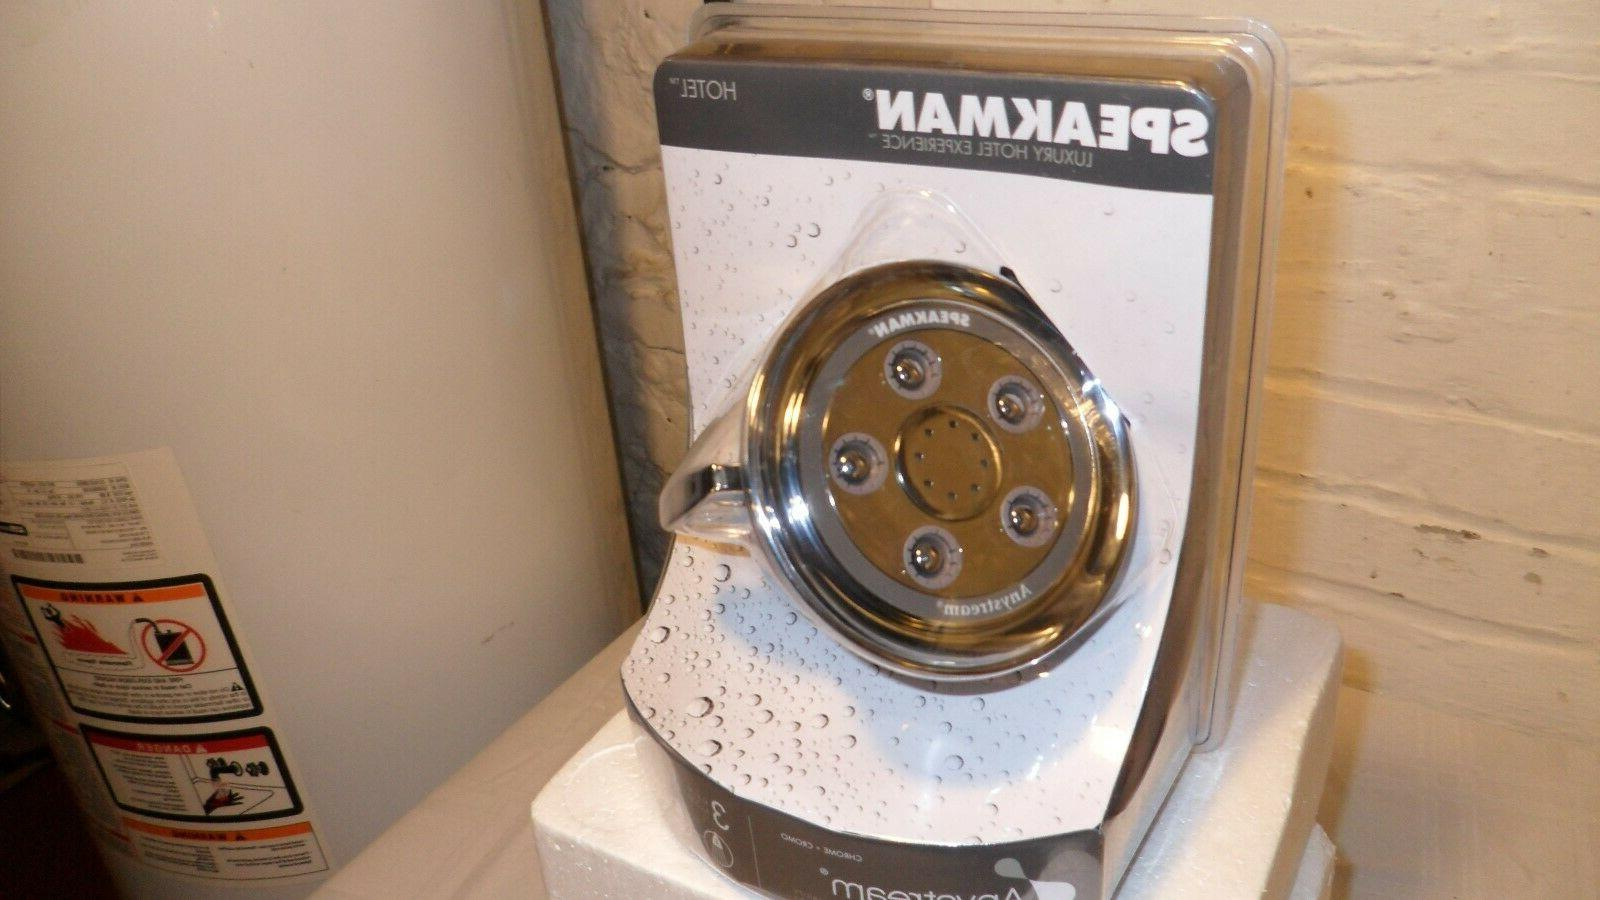 Speakman S-2005-HB Hotel 2.5 GPM Triple Shower